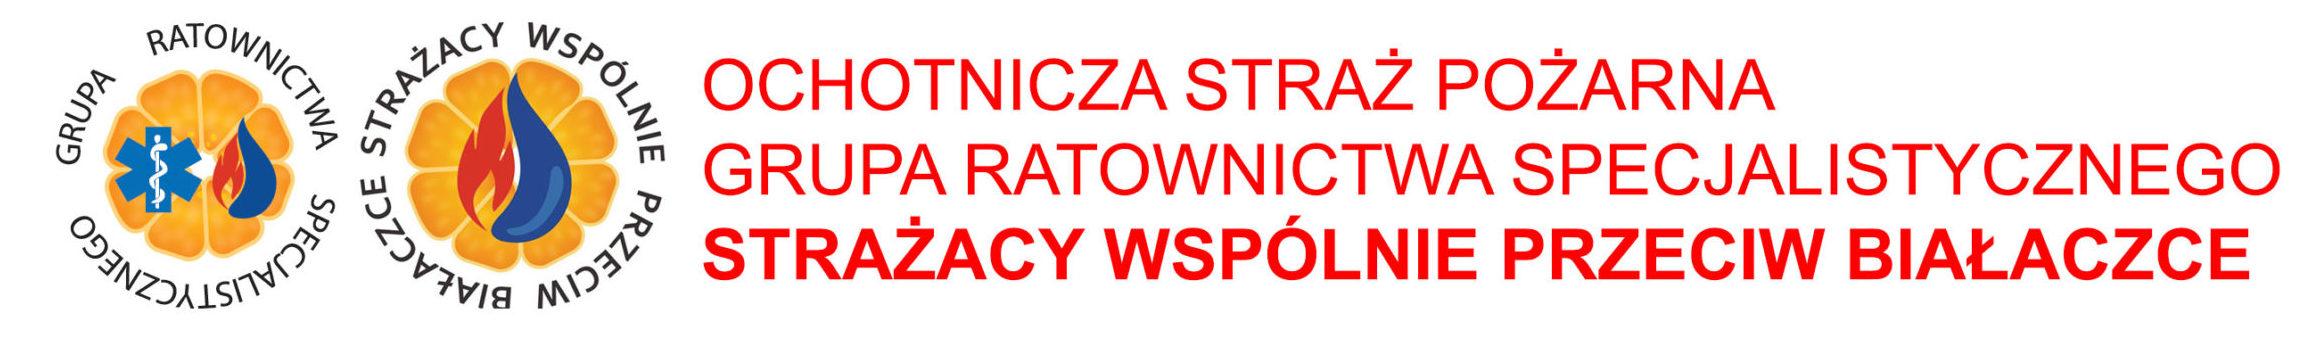 Strażacy przeciw Białaczce - OSP GRS SWPB